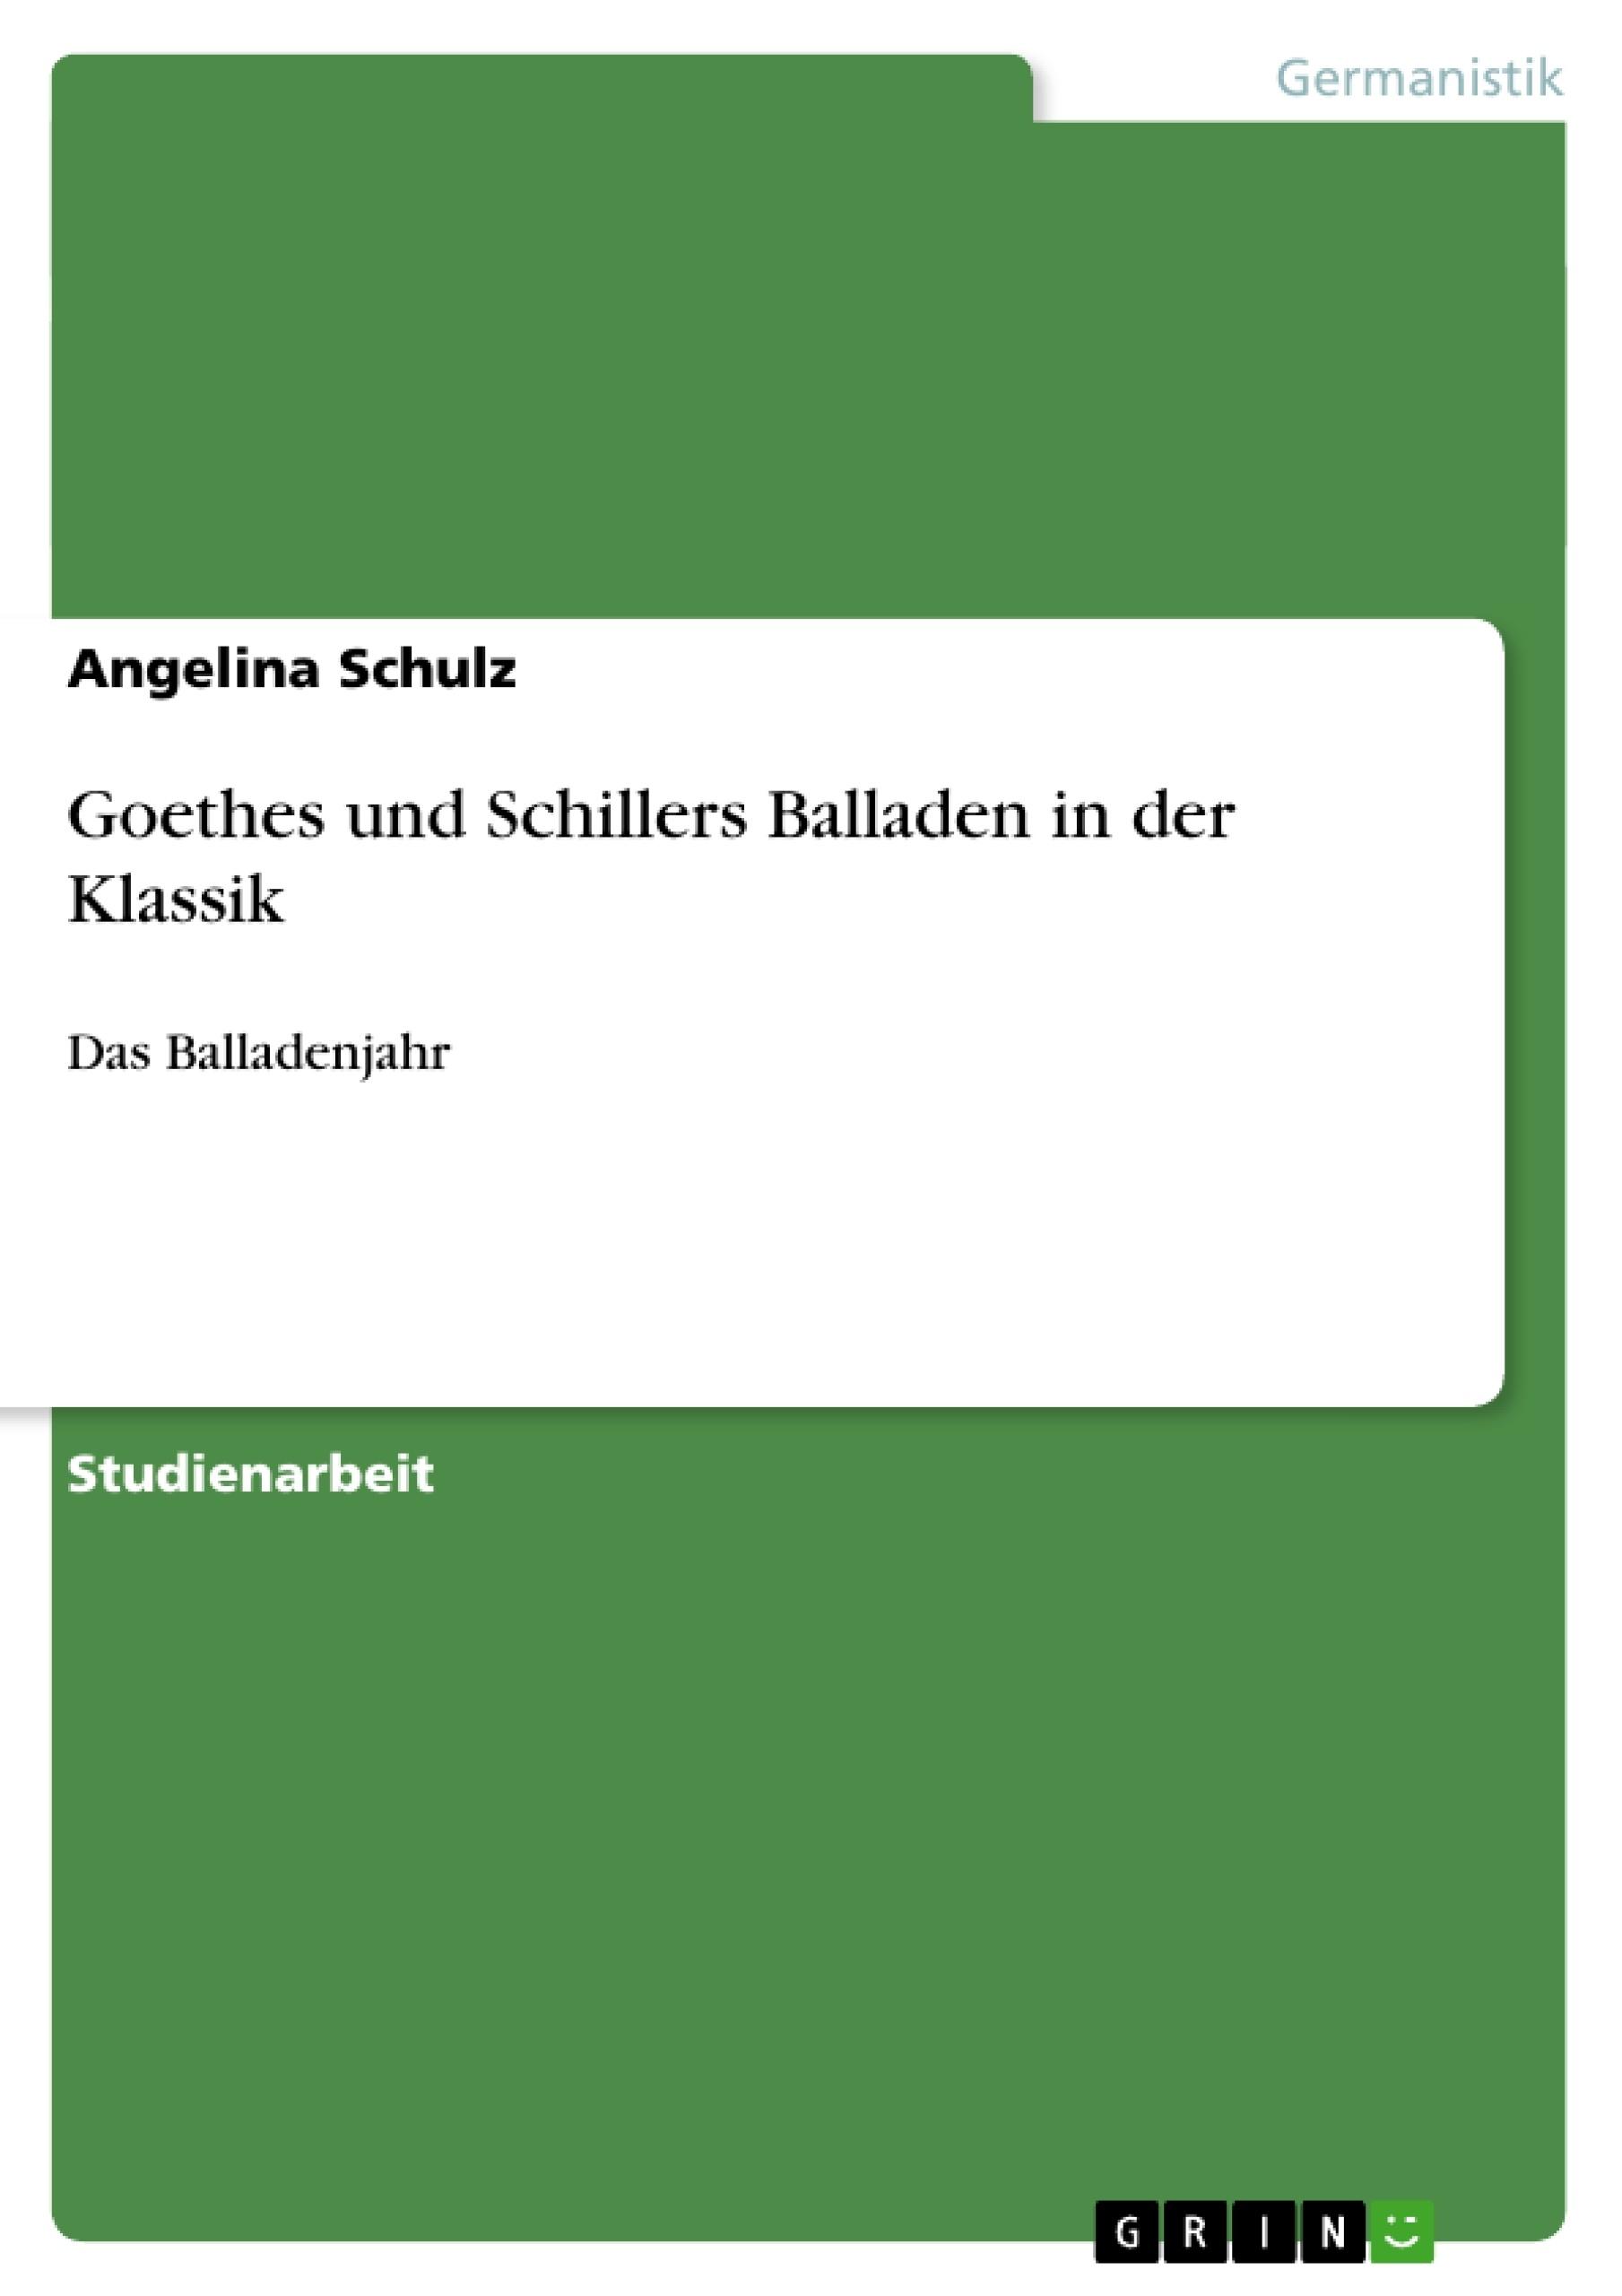 Titel: Goethes und Schillers Balladen in der Klassik